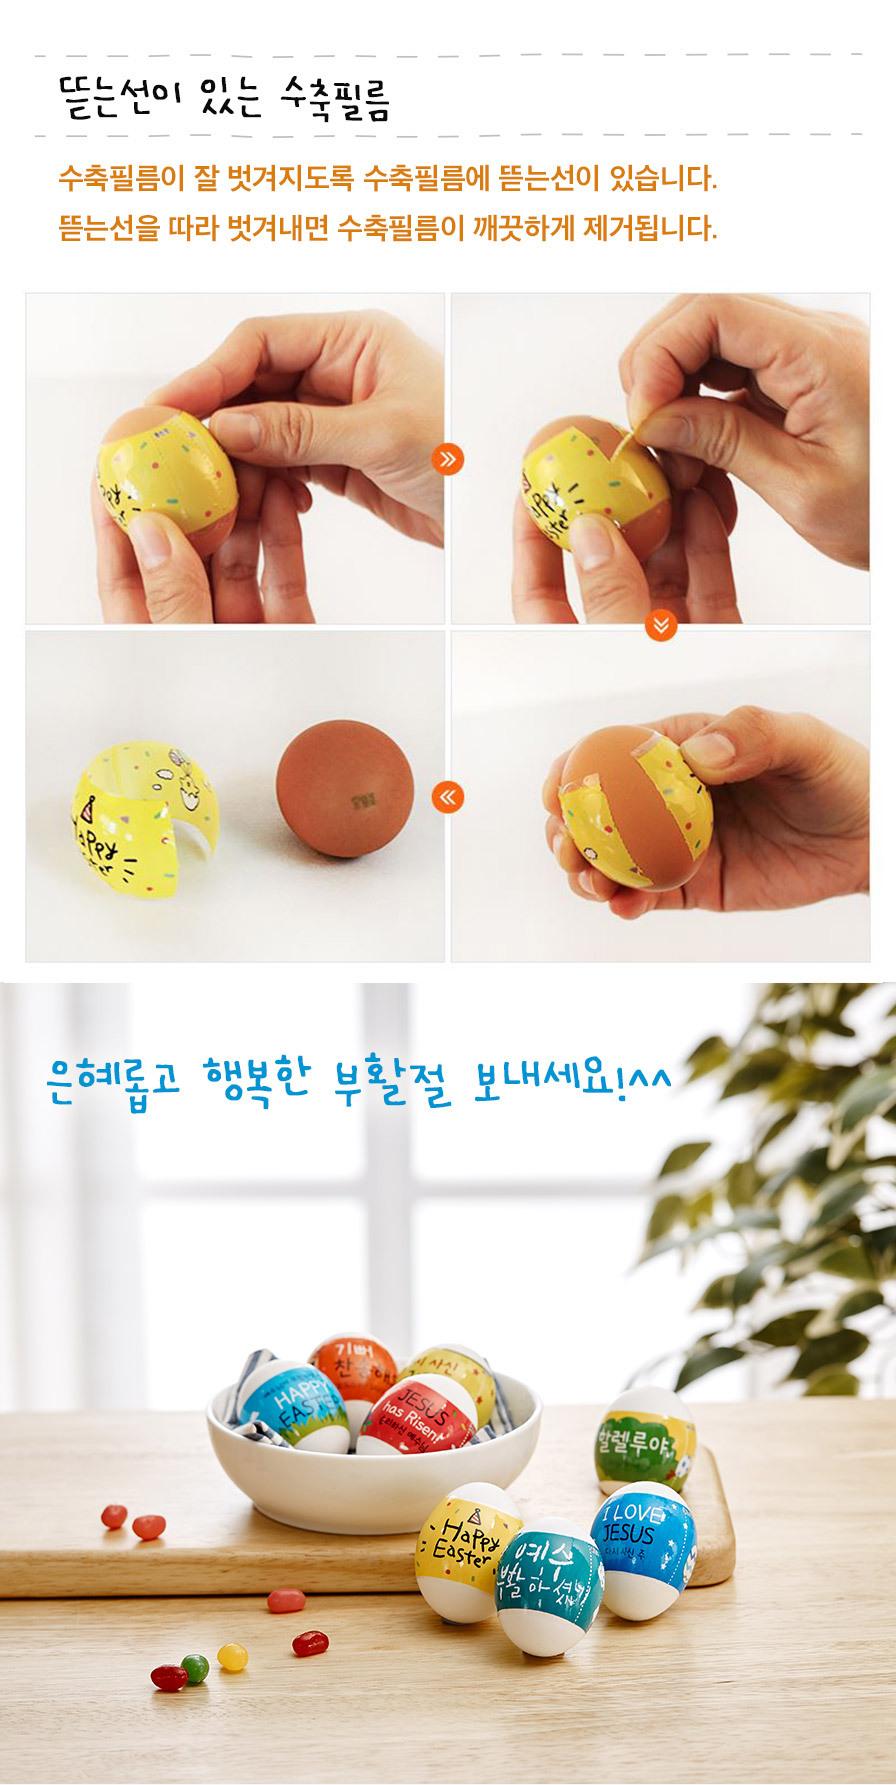 부활절 교회 달걀꾸미기 포장용 수축필름 수축지 - 은혜로운 부활절 되세요~!